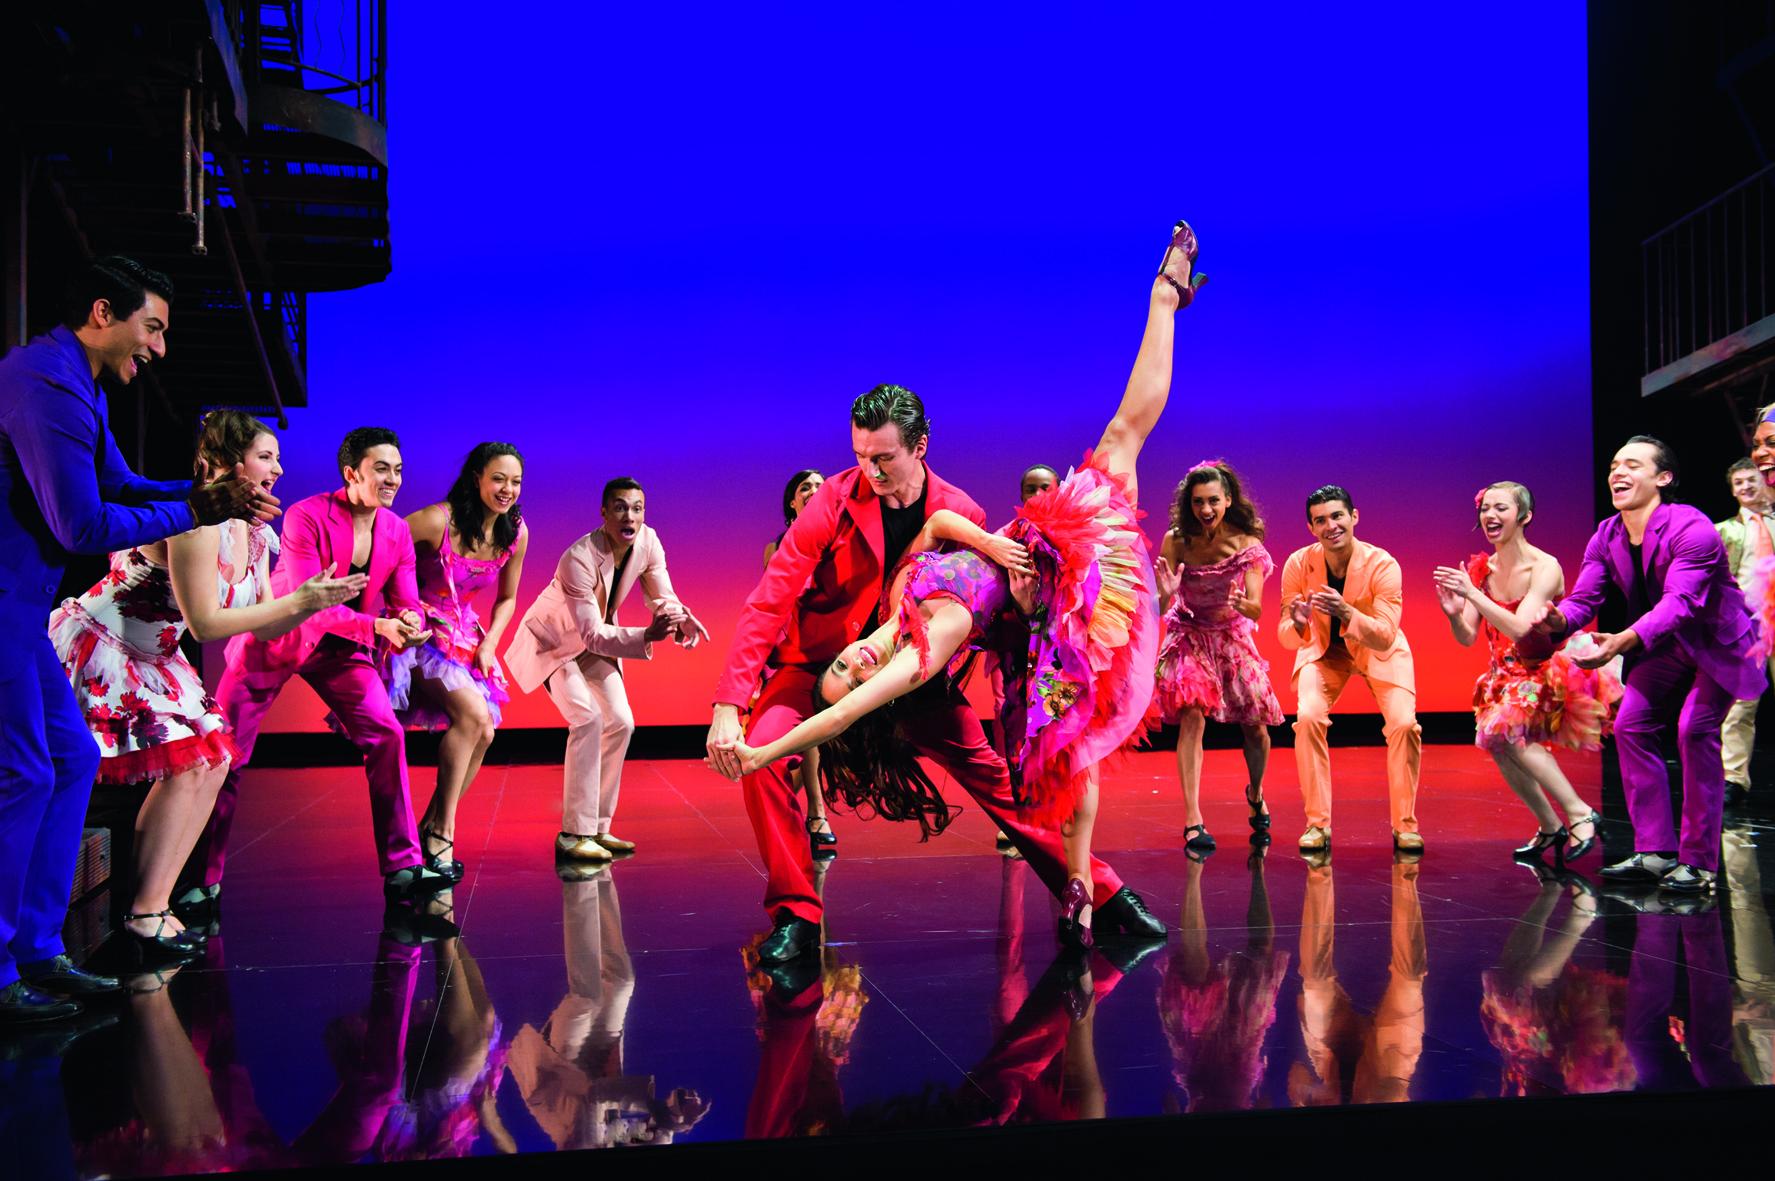 Dance at the Gym. West Side Story, Théâtre du Châtelet; Paris, France. Oct 2012 - Jan 2013. (Photo credit M.S. Théâtre du Chatelet)